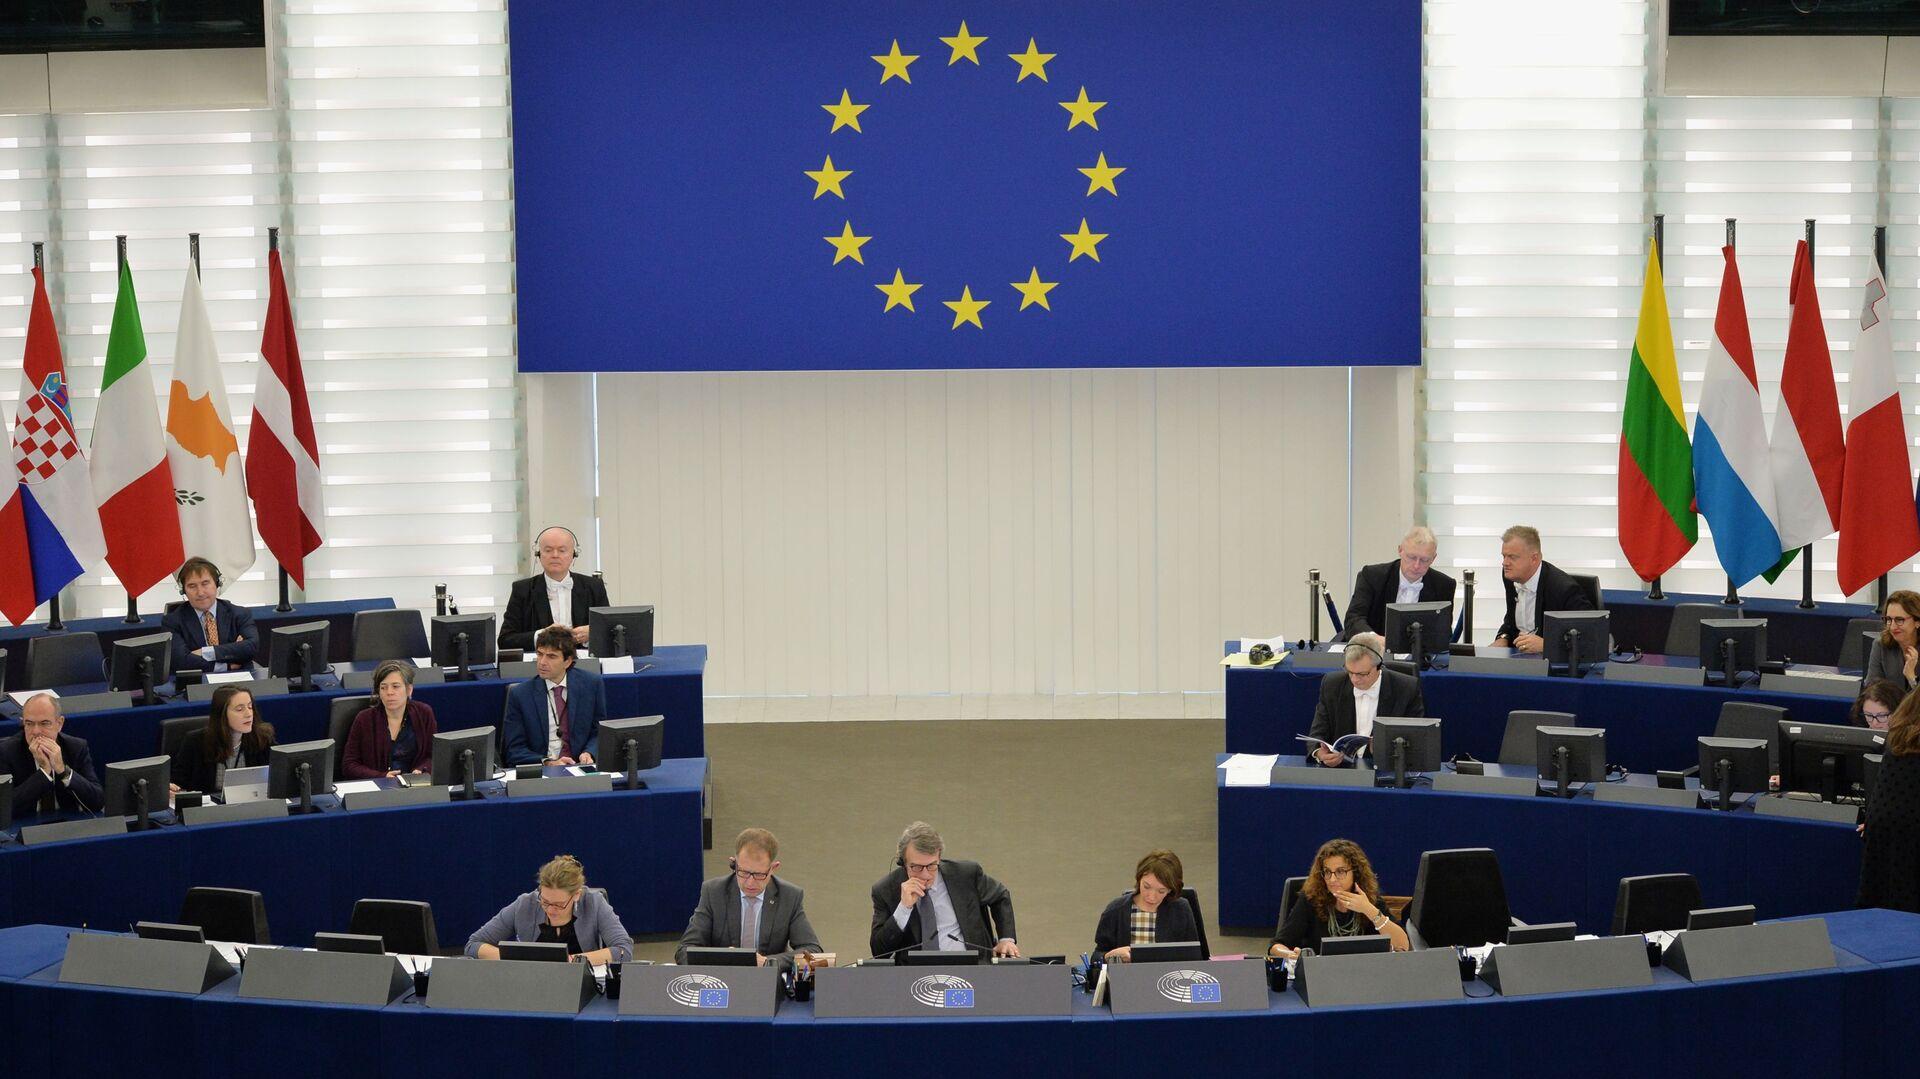 Депутаты на пленарной сессии Европейского парламента, архивное фото - Sputnik Латвия, 1920, 16.05.2021